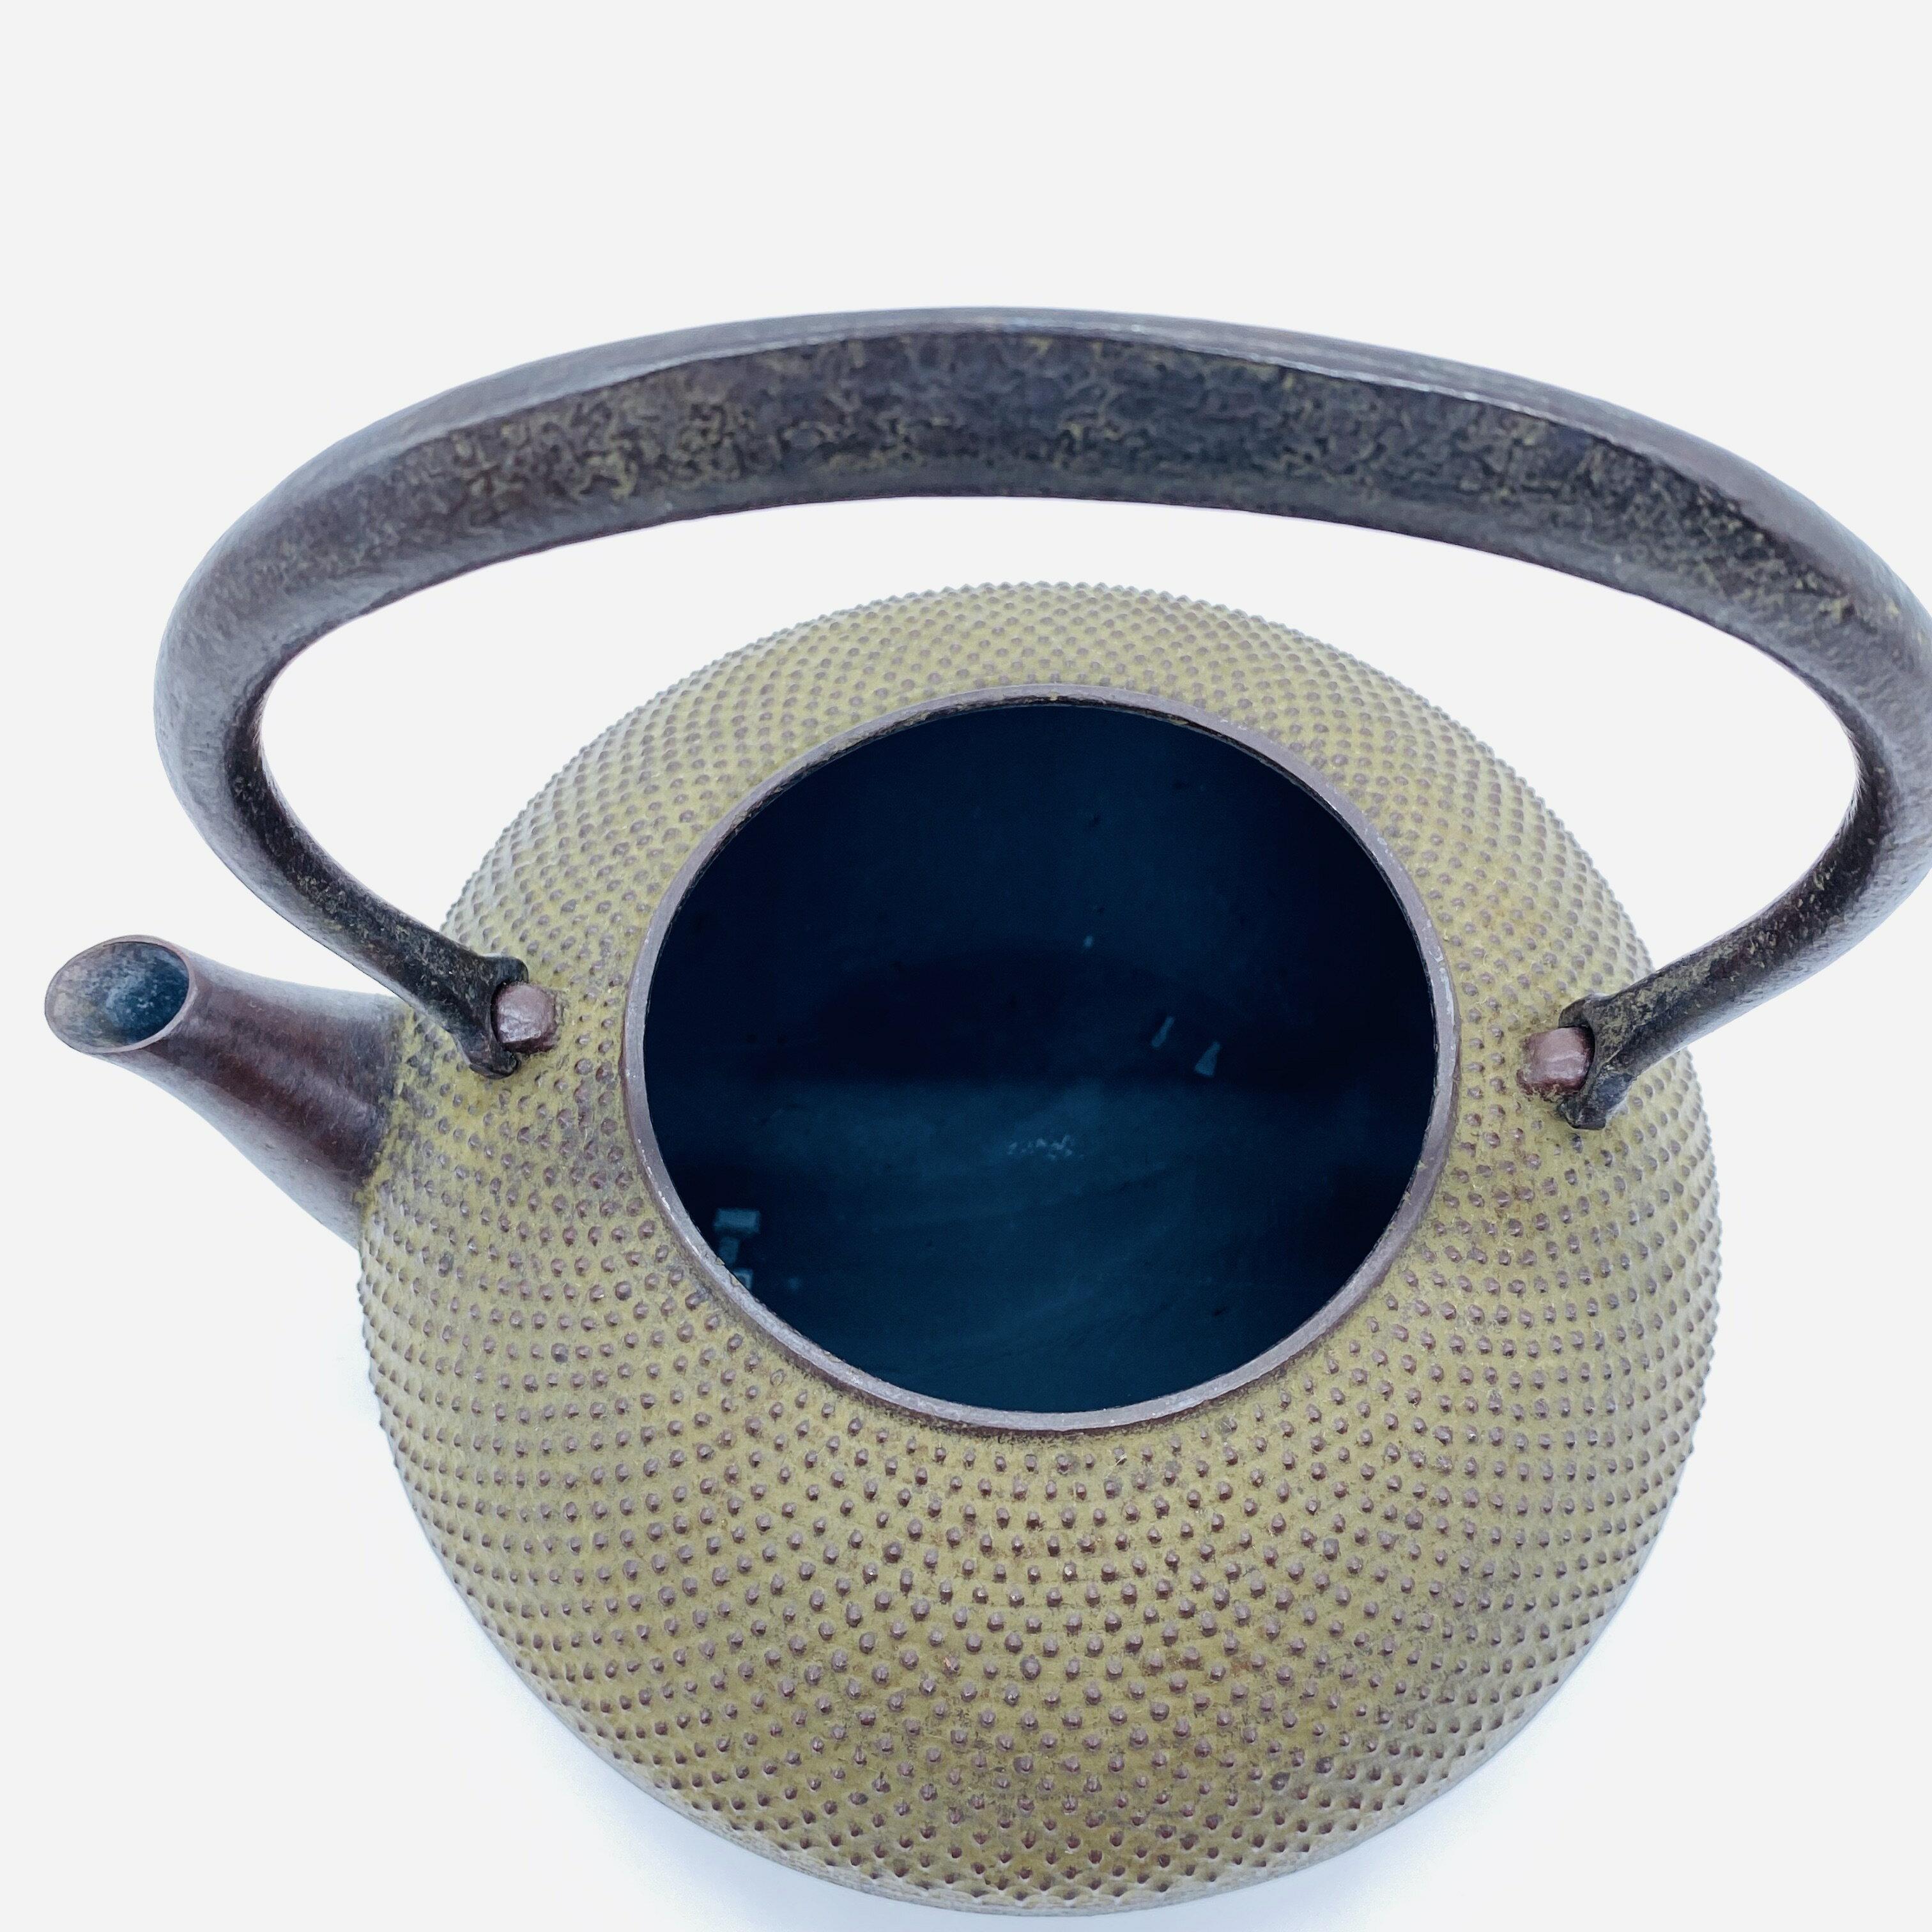 日本 本場南部鐵器-【佐藤勝久 平丸型 霰 1.5L】鐵壺 鉄瓶 煮水 泡茶 只有1個 1